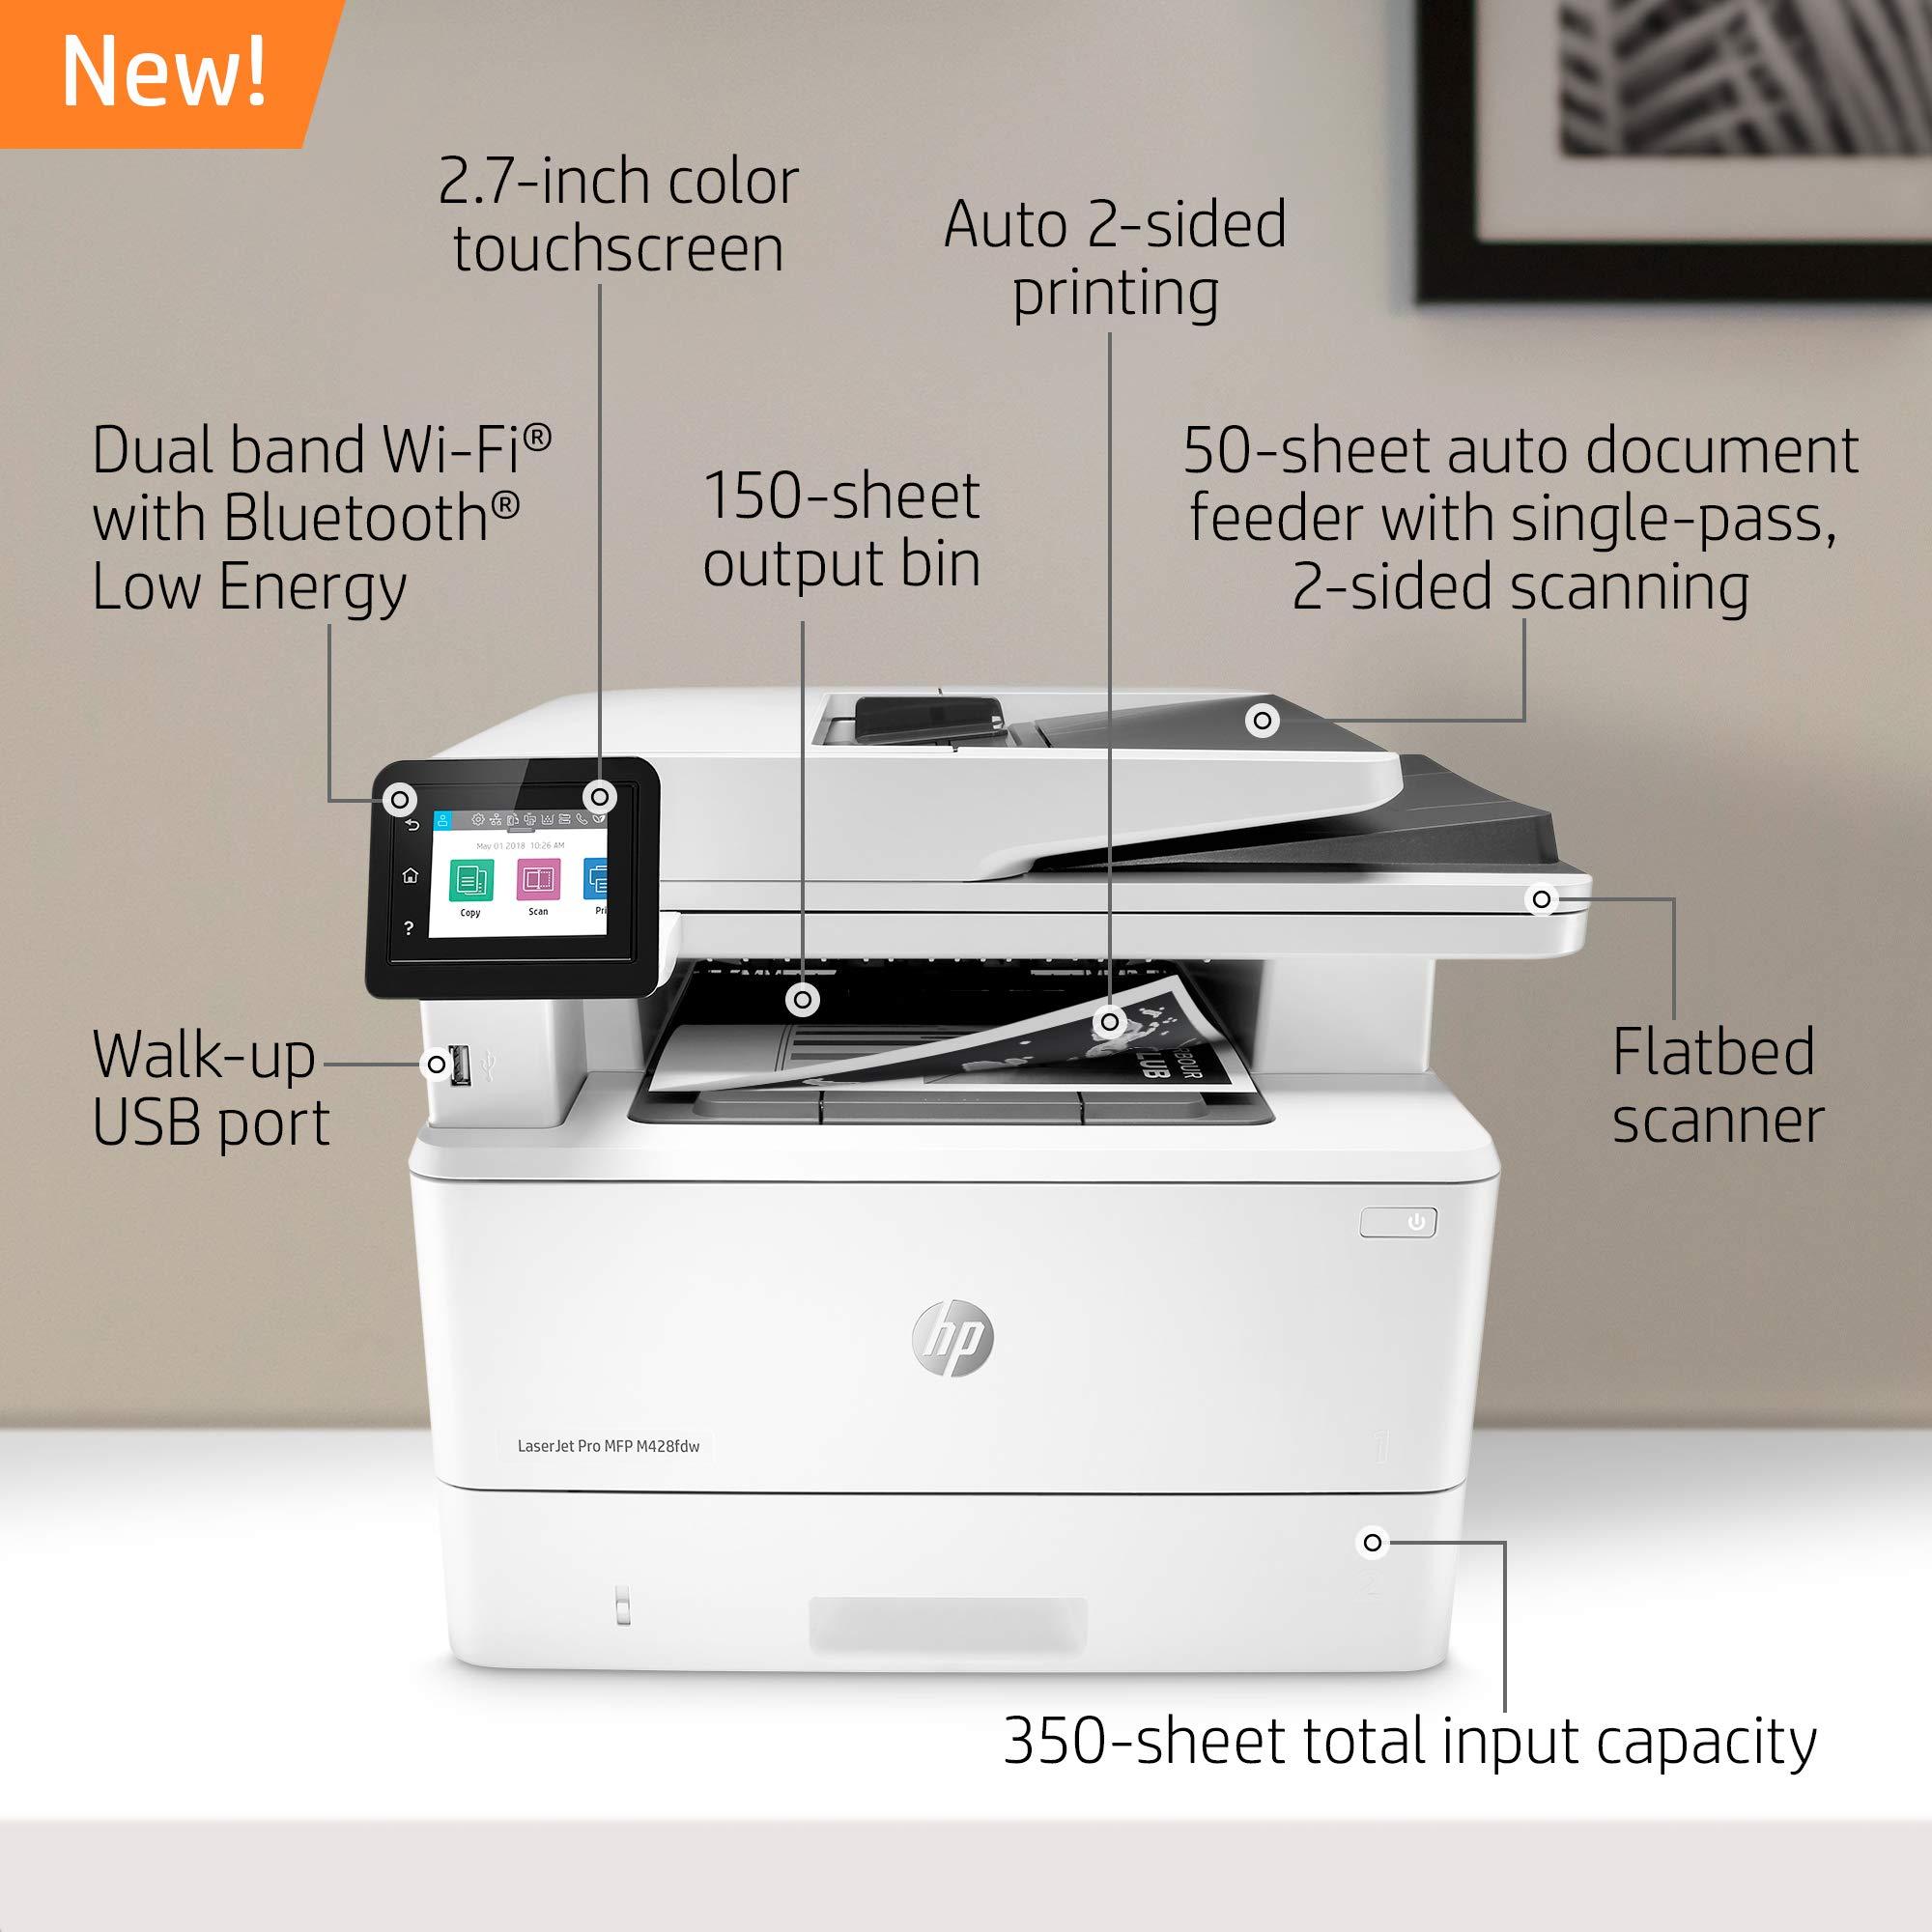 HP LaserJet Pro Multifunction M428fdw Wireless Laser Printer (W1A30A) by HP (Image #2)